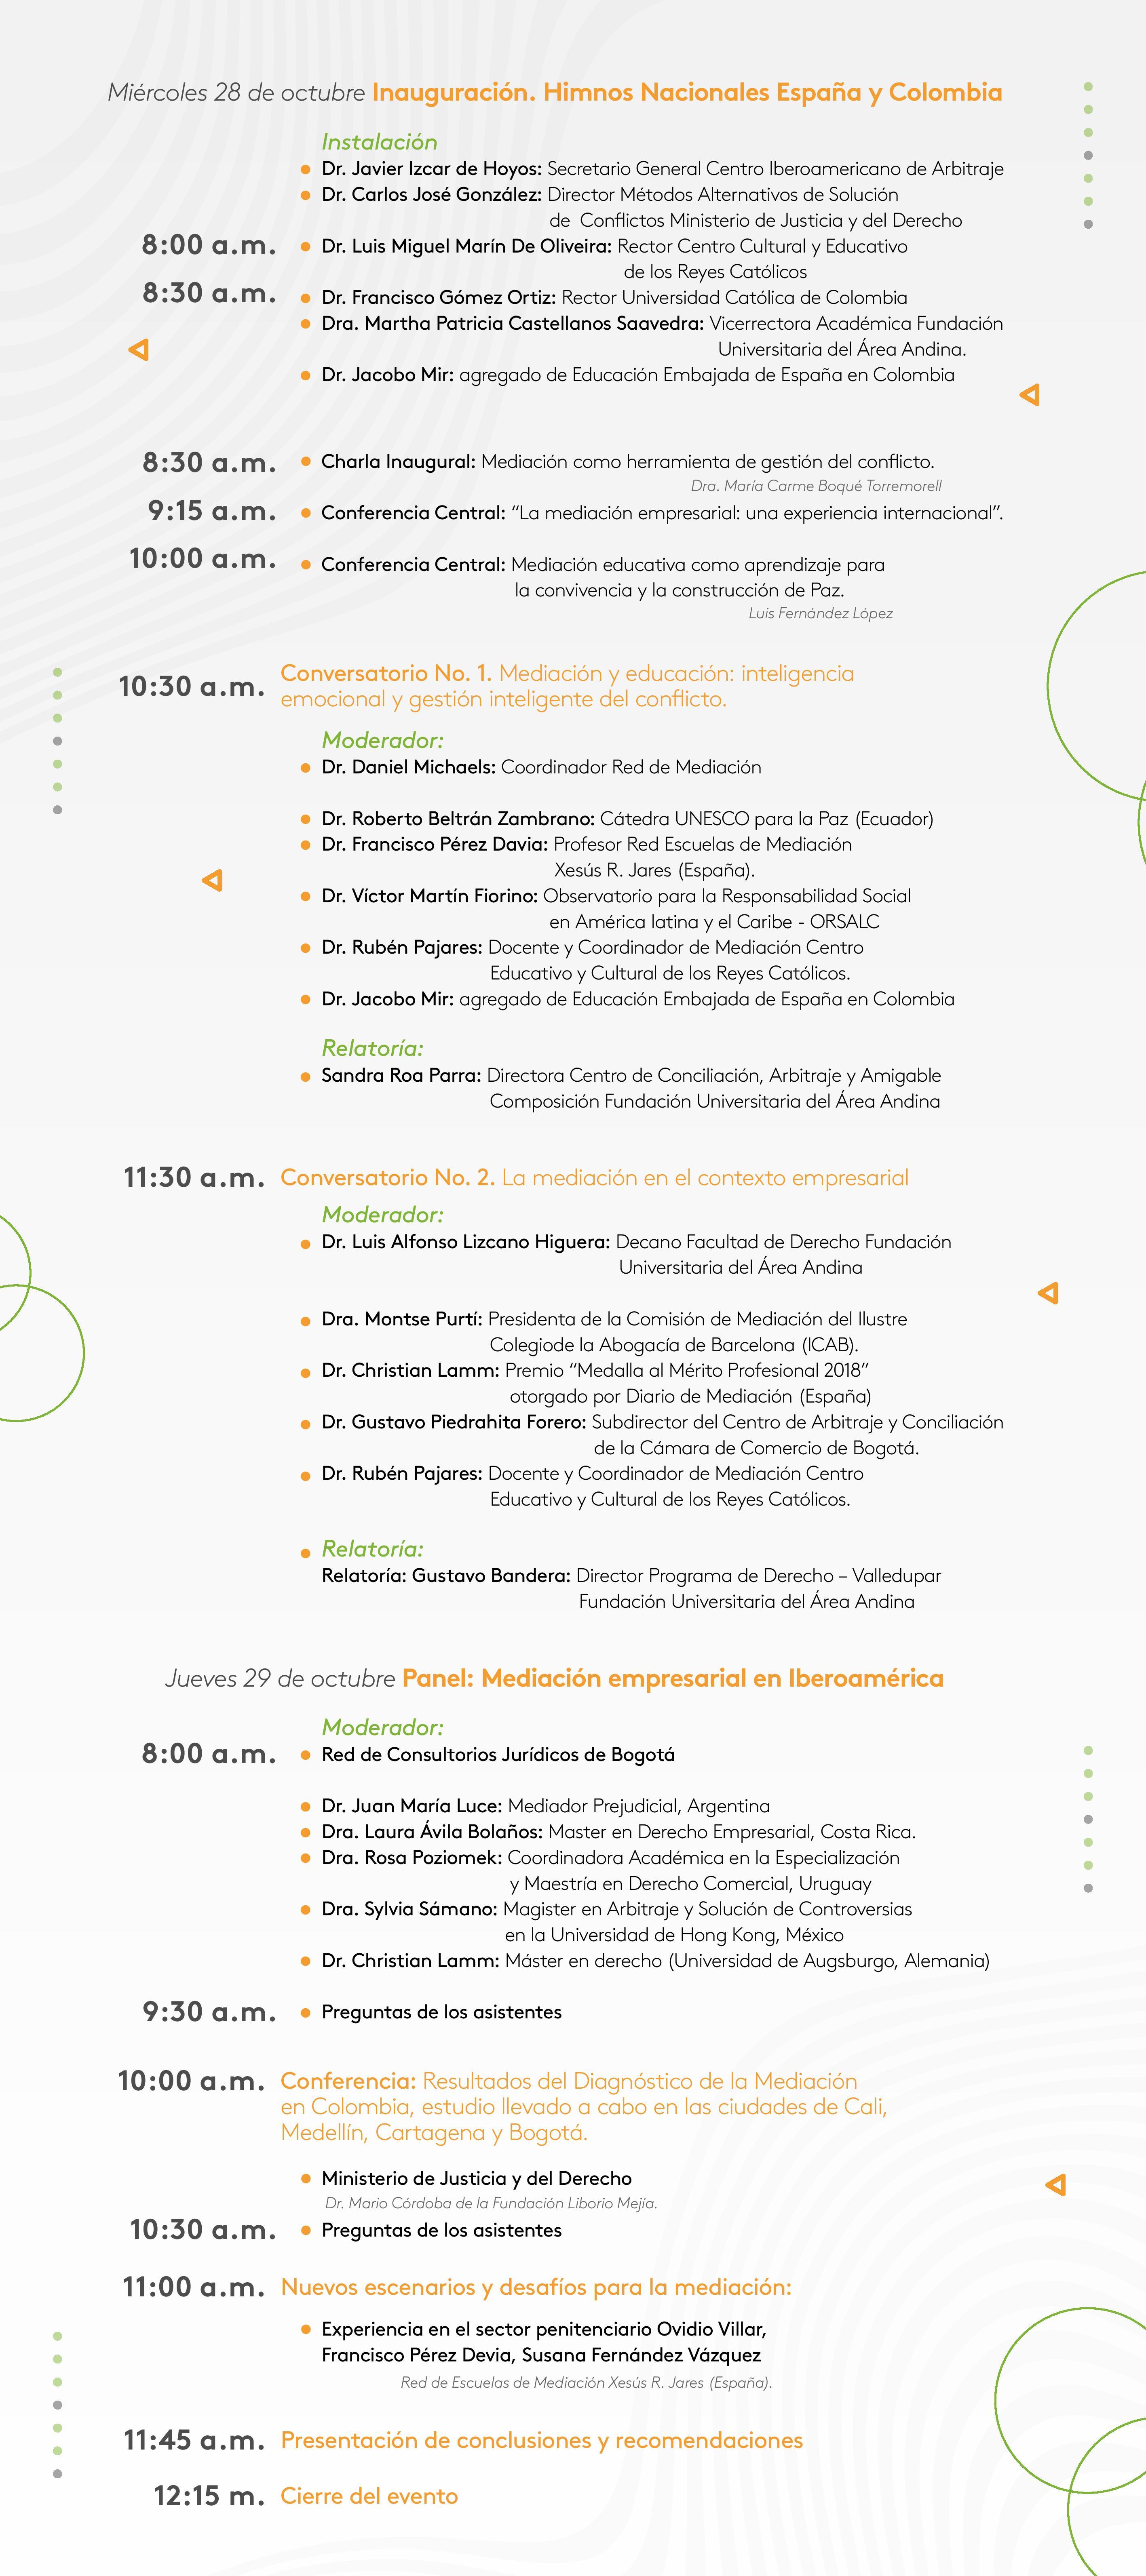 AGENDA_CONGRESO_INTERNACIONAL_DE_MEDIACION (002)-page-002